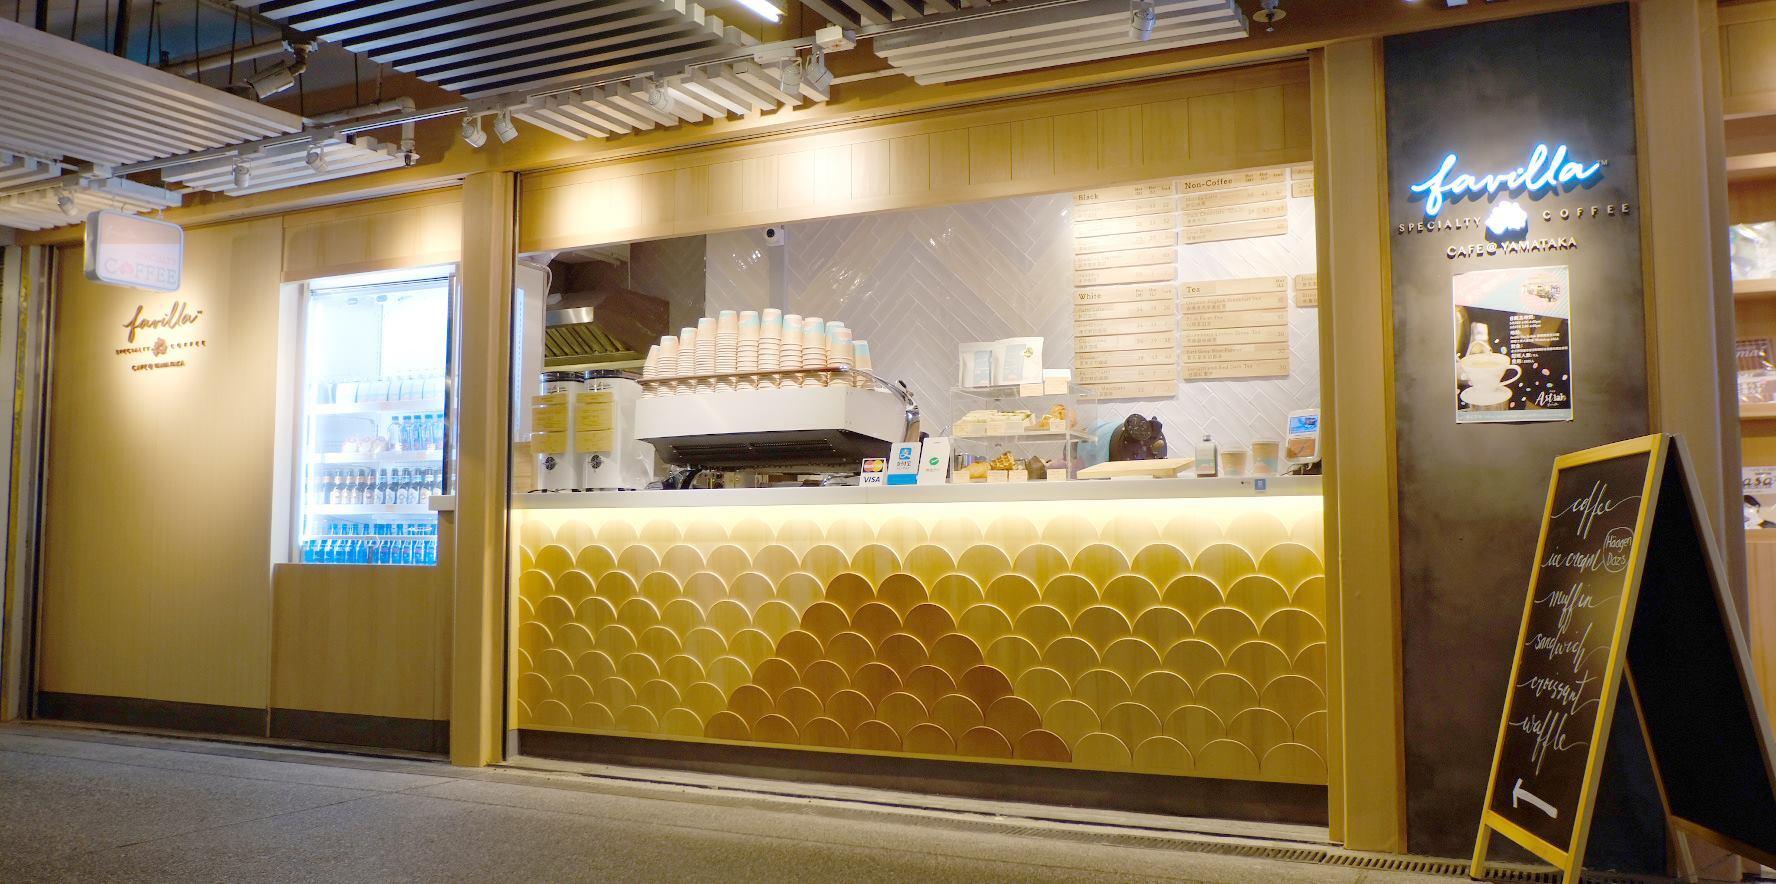 Favilla Cafe Wan Chai Pier